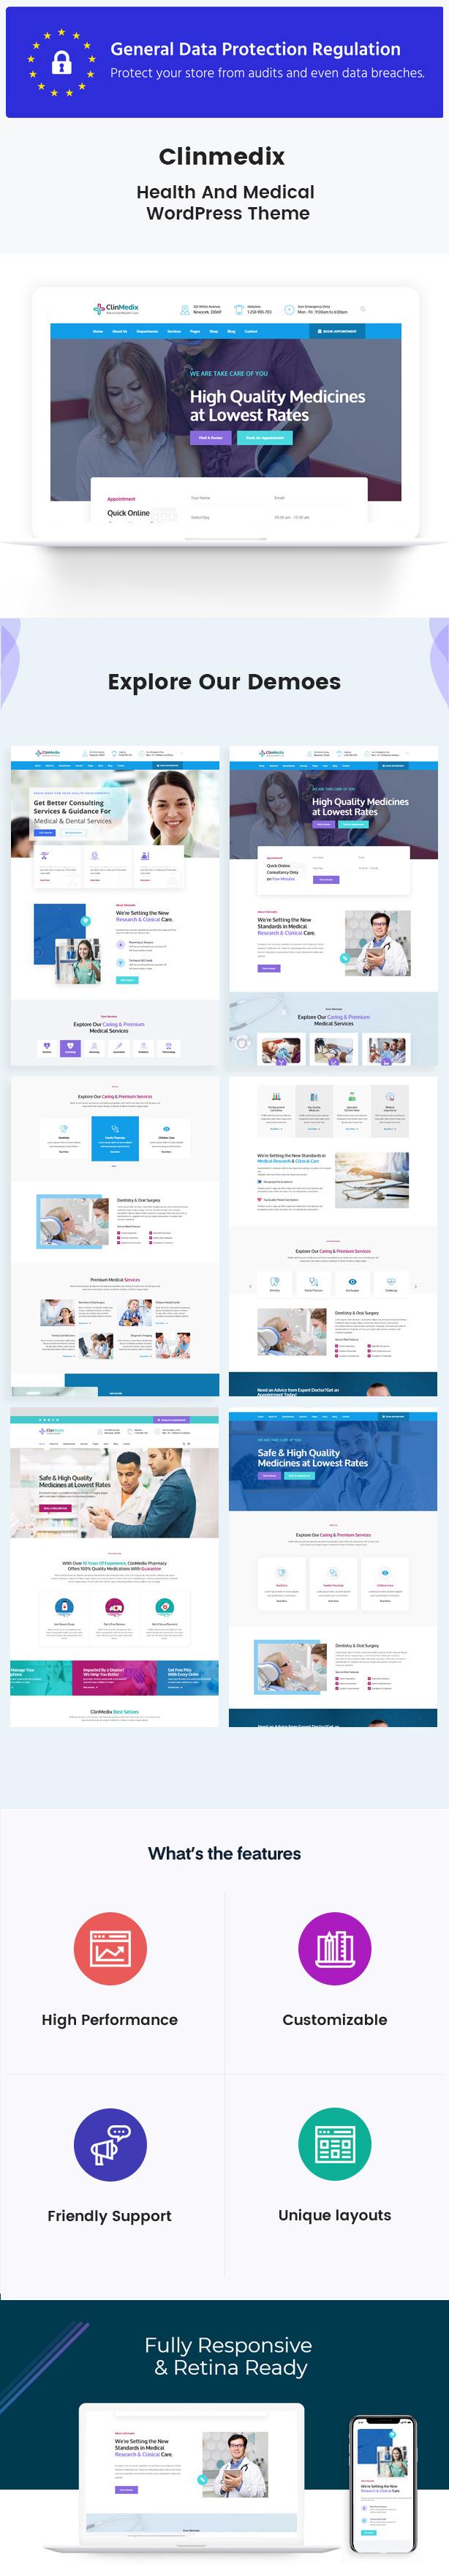 Clinmedix - Health And Medical WordPress Theme Free Download #1 free download Clinmedix - Health And Medical WordPress Theme Free Download #1 nulled Clinmedix - Health And Medical WordPress Theme Free Download #1